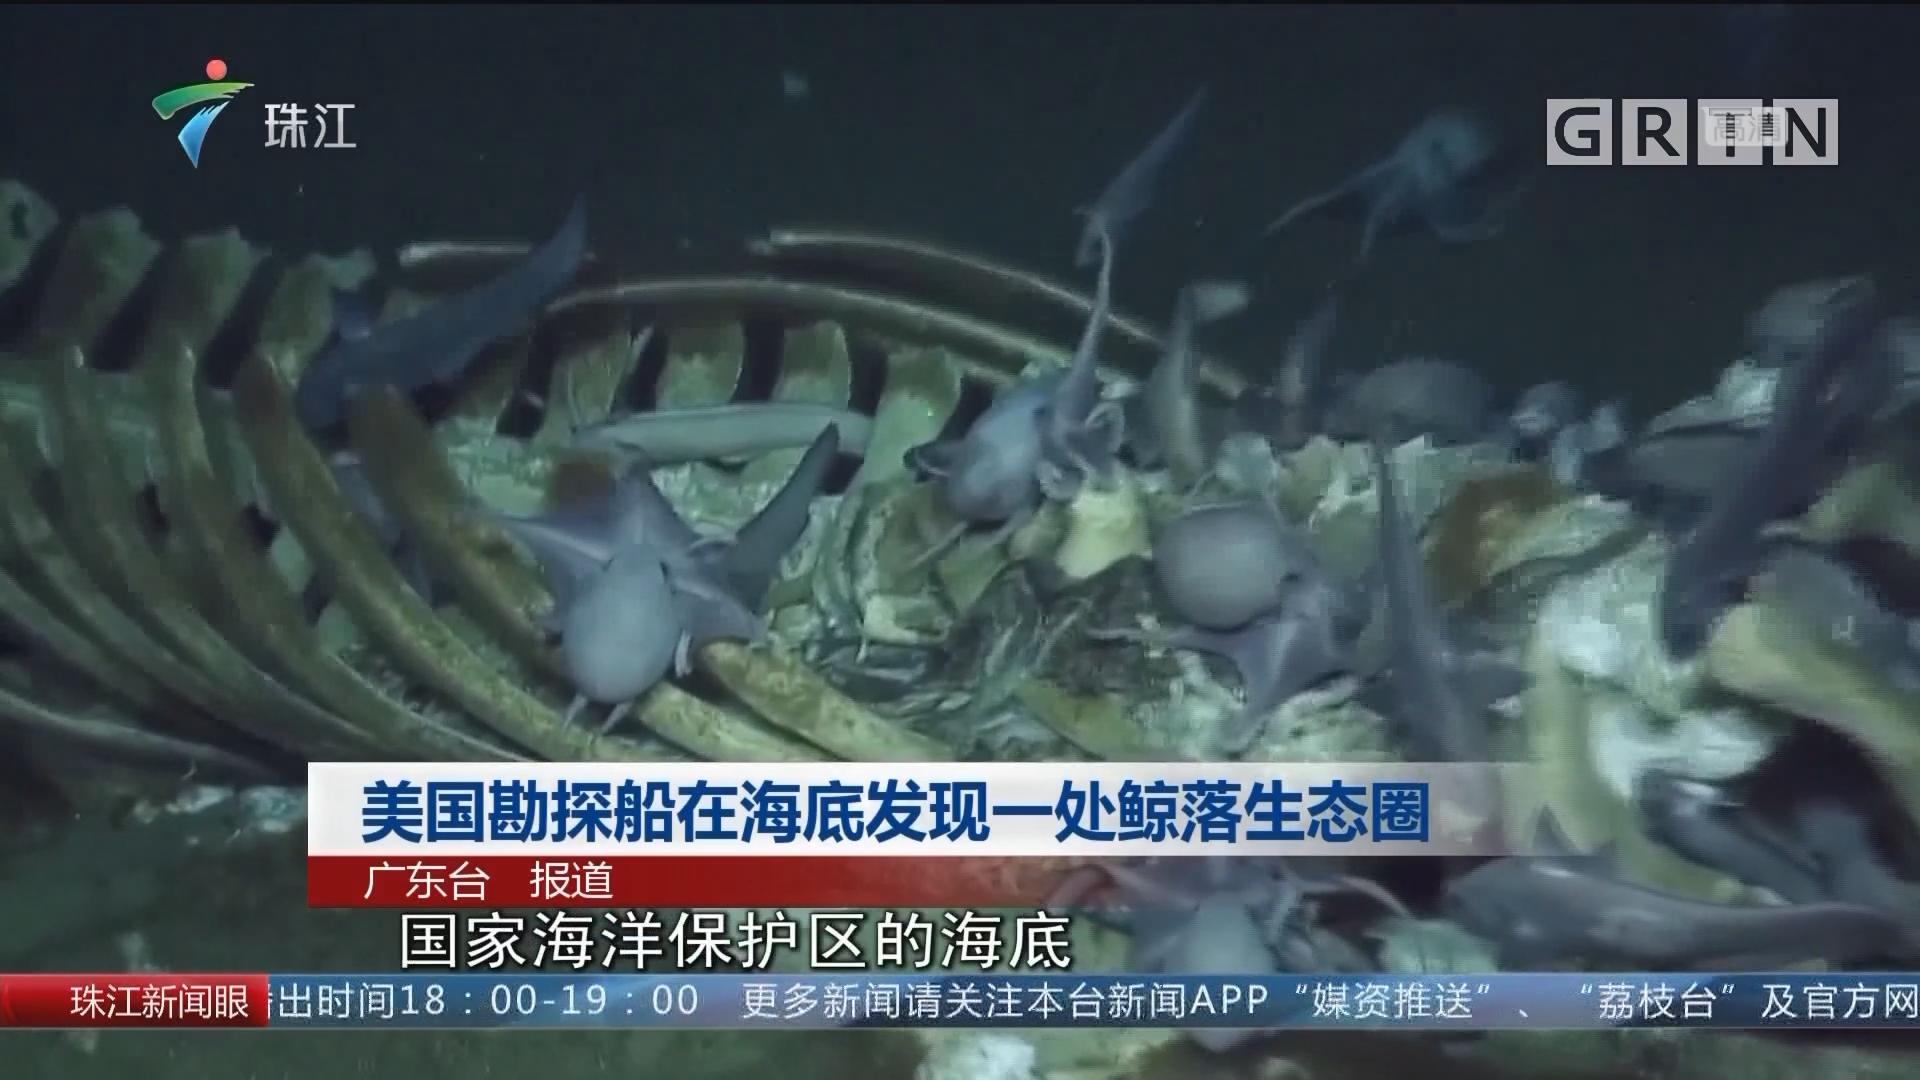 美国勘探船在海底发现一处鲸落生态圈